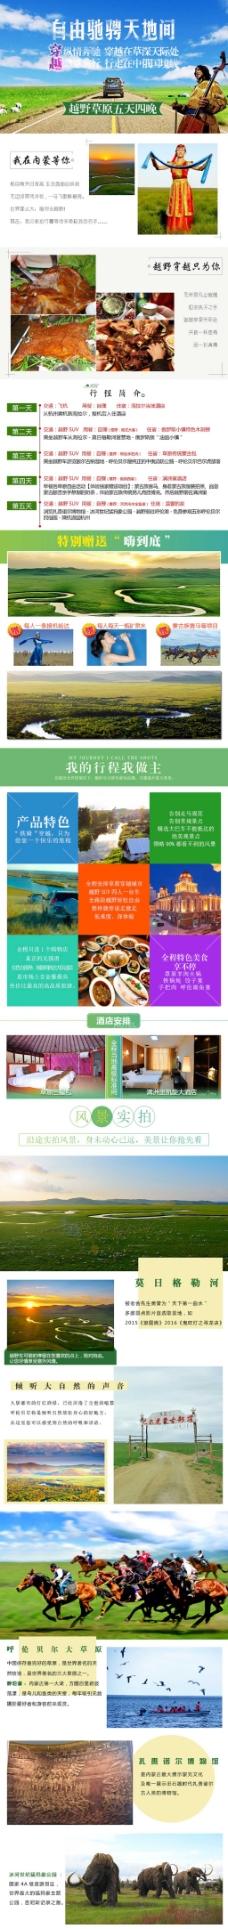 内蒙古自驾旅游详情页